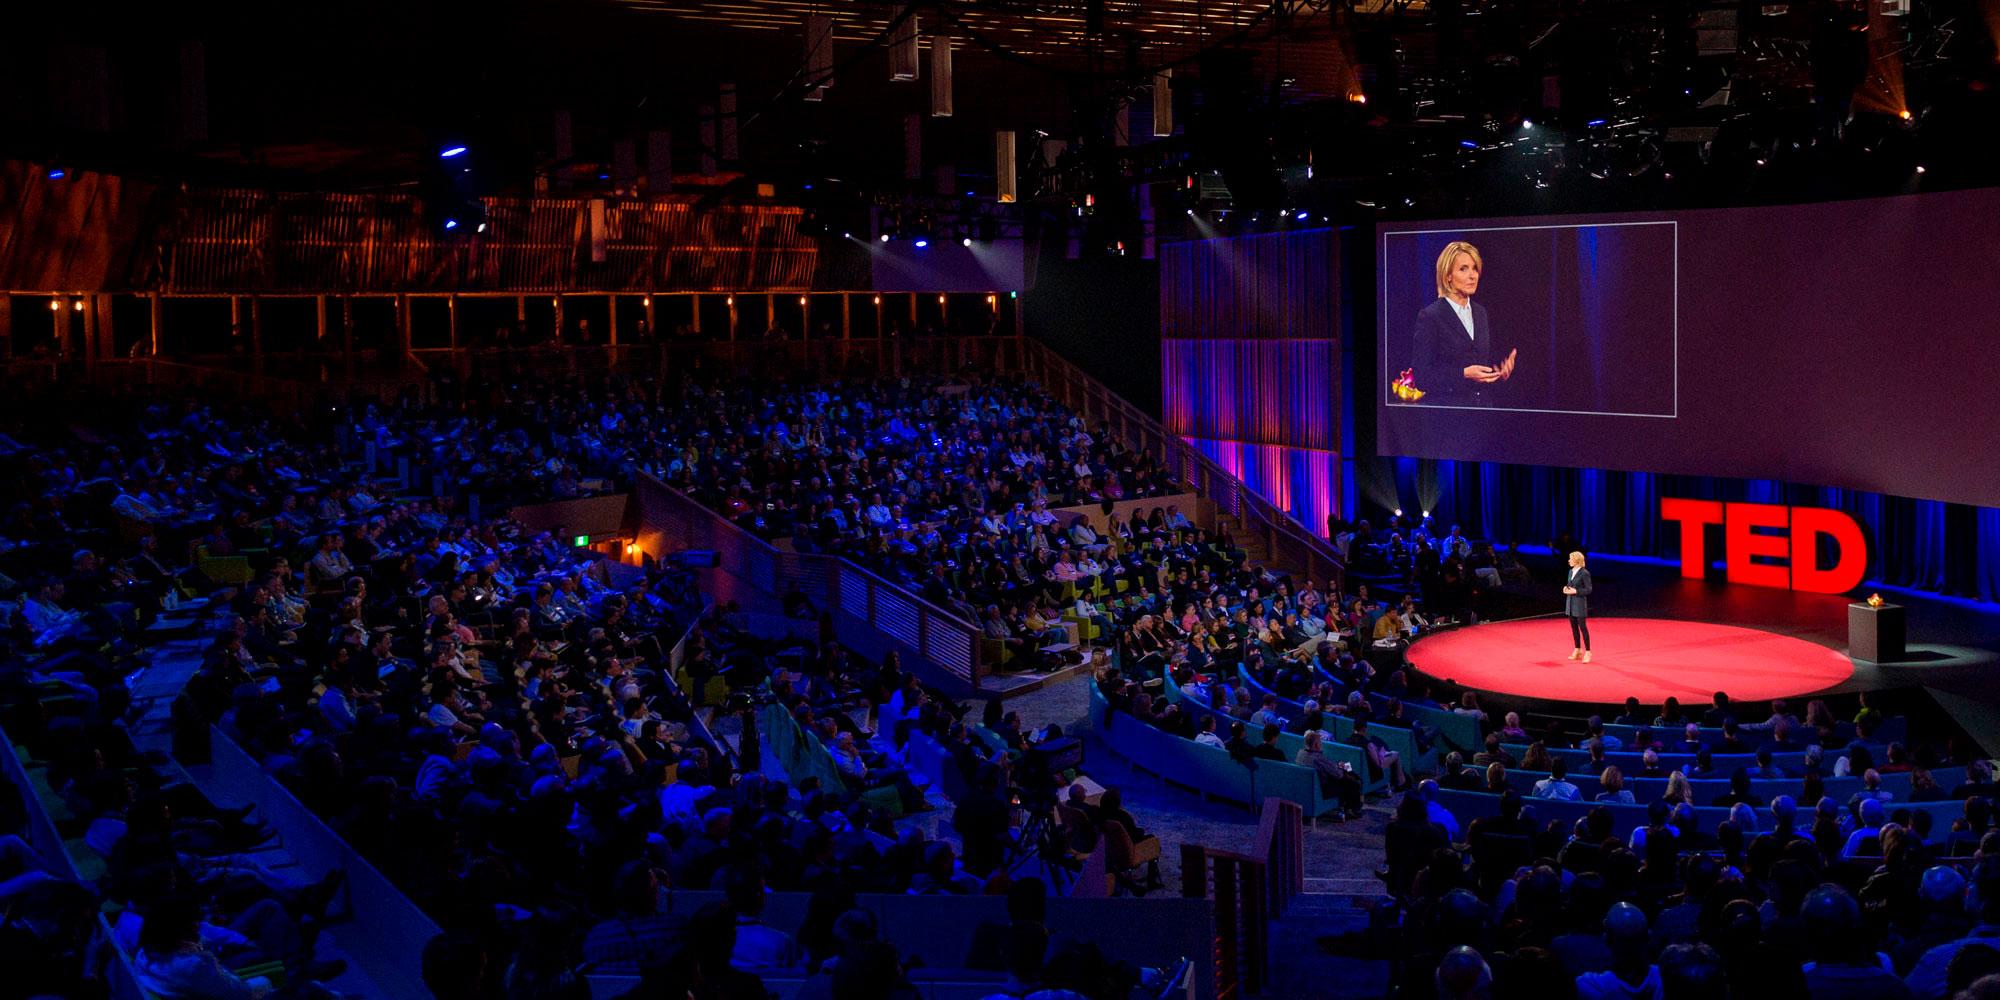 UM TEDx PARA CHAMAR DE SEU